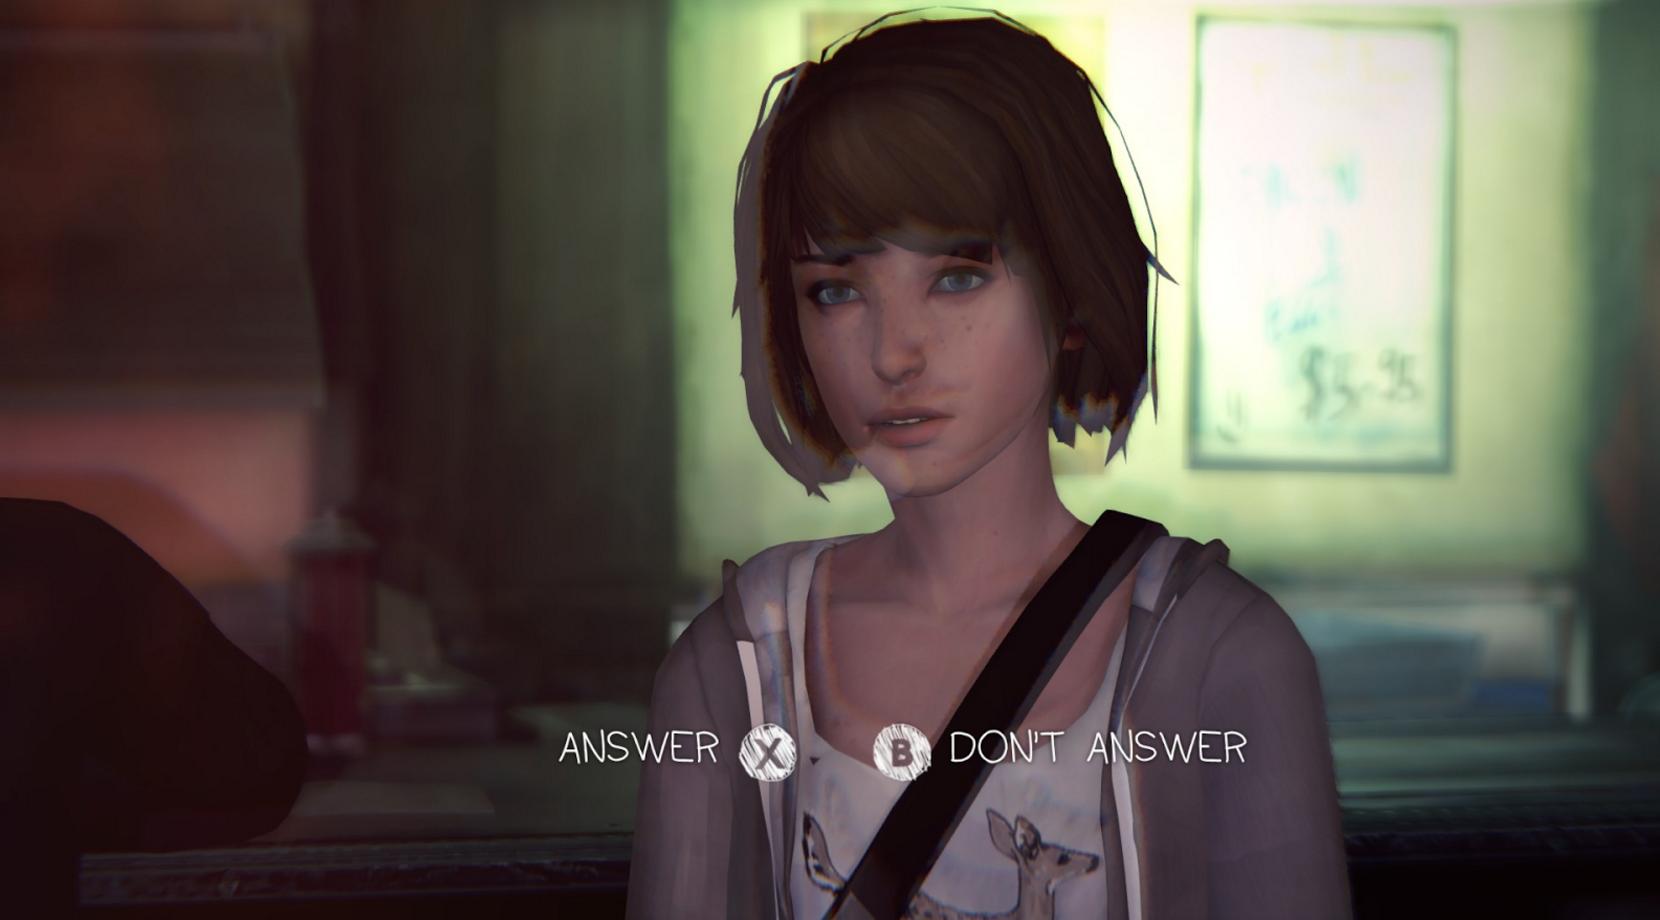 emotion_tech_gaming.png